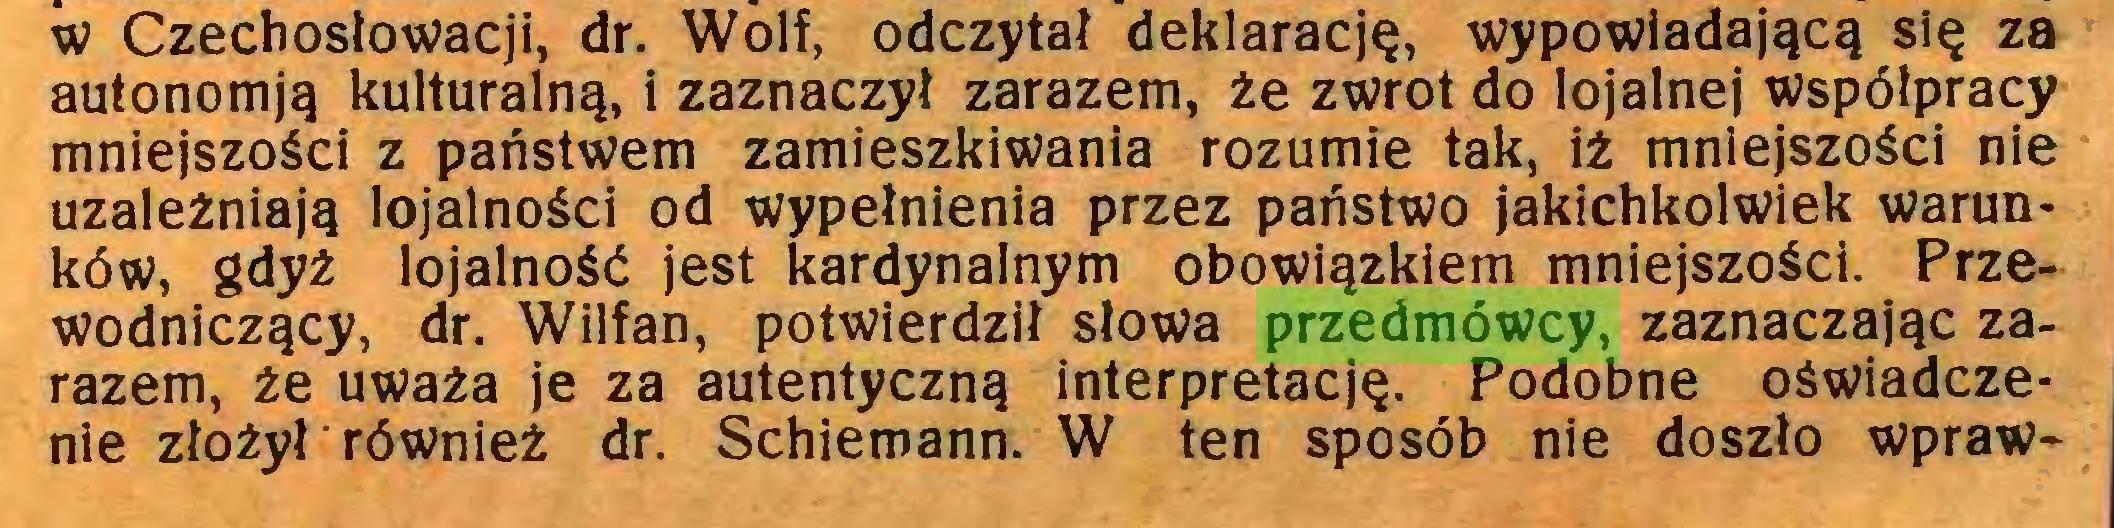 (...) w Czechosłowacji, dr. Wolf, odczytał deklarację, wypowiadającą się za autonomją kulturalną, i zaznaczył zarazem, że zwrot do lojalnej współpracy mniejszości z państwem zamieszkiwania rozumie tak, iż mniejszości nie uzależniają lojalności od wypełnienia przez państwo jakichkolwiek warunków, gdyż lojalność jest kardynalnym obowiązkiem mniejszości. Przewodniczący, dr. Wilfan, potwierdził słowa przedmówcy, zaznaczając zarazem, że uważa je za autentyczną interpretację. Podobne oświadczenie złożył również dr. Schiemann. W ten sposób nie doszło wpraw...